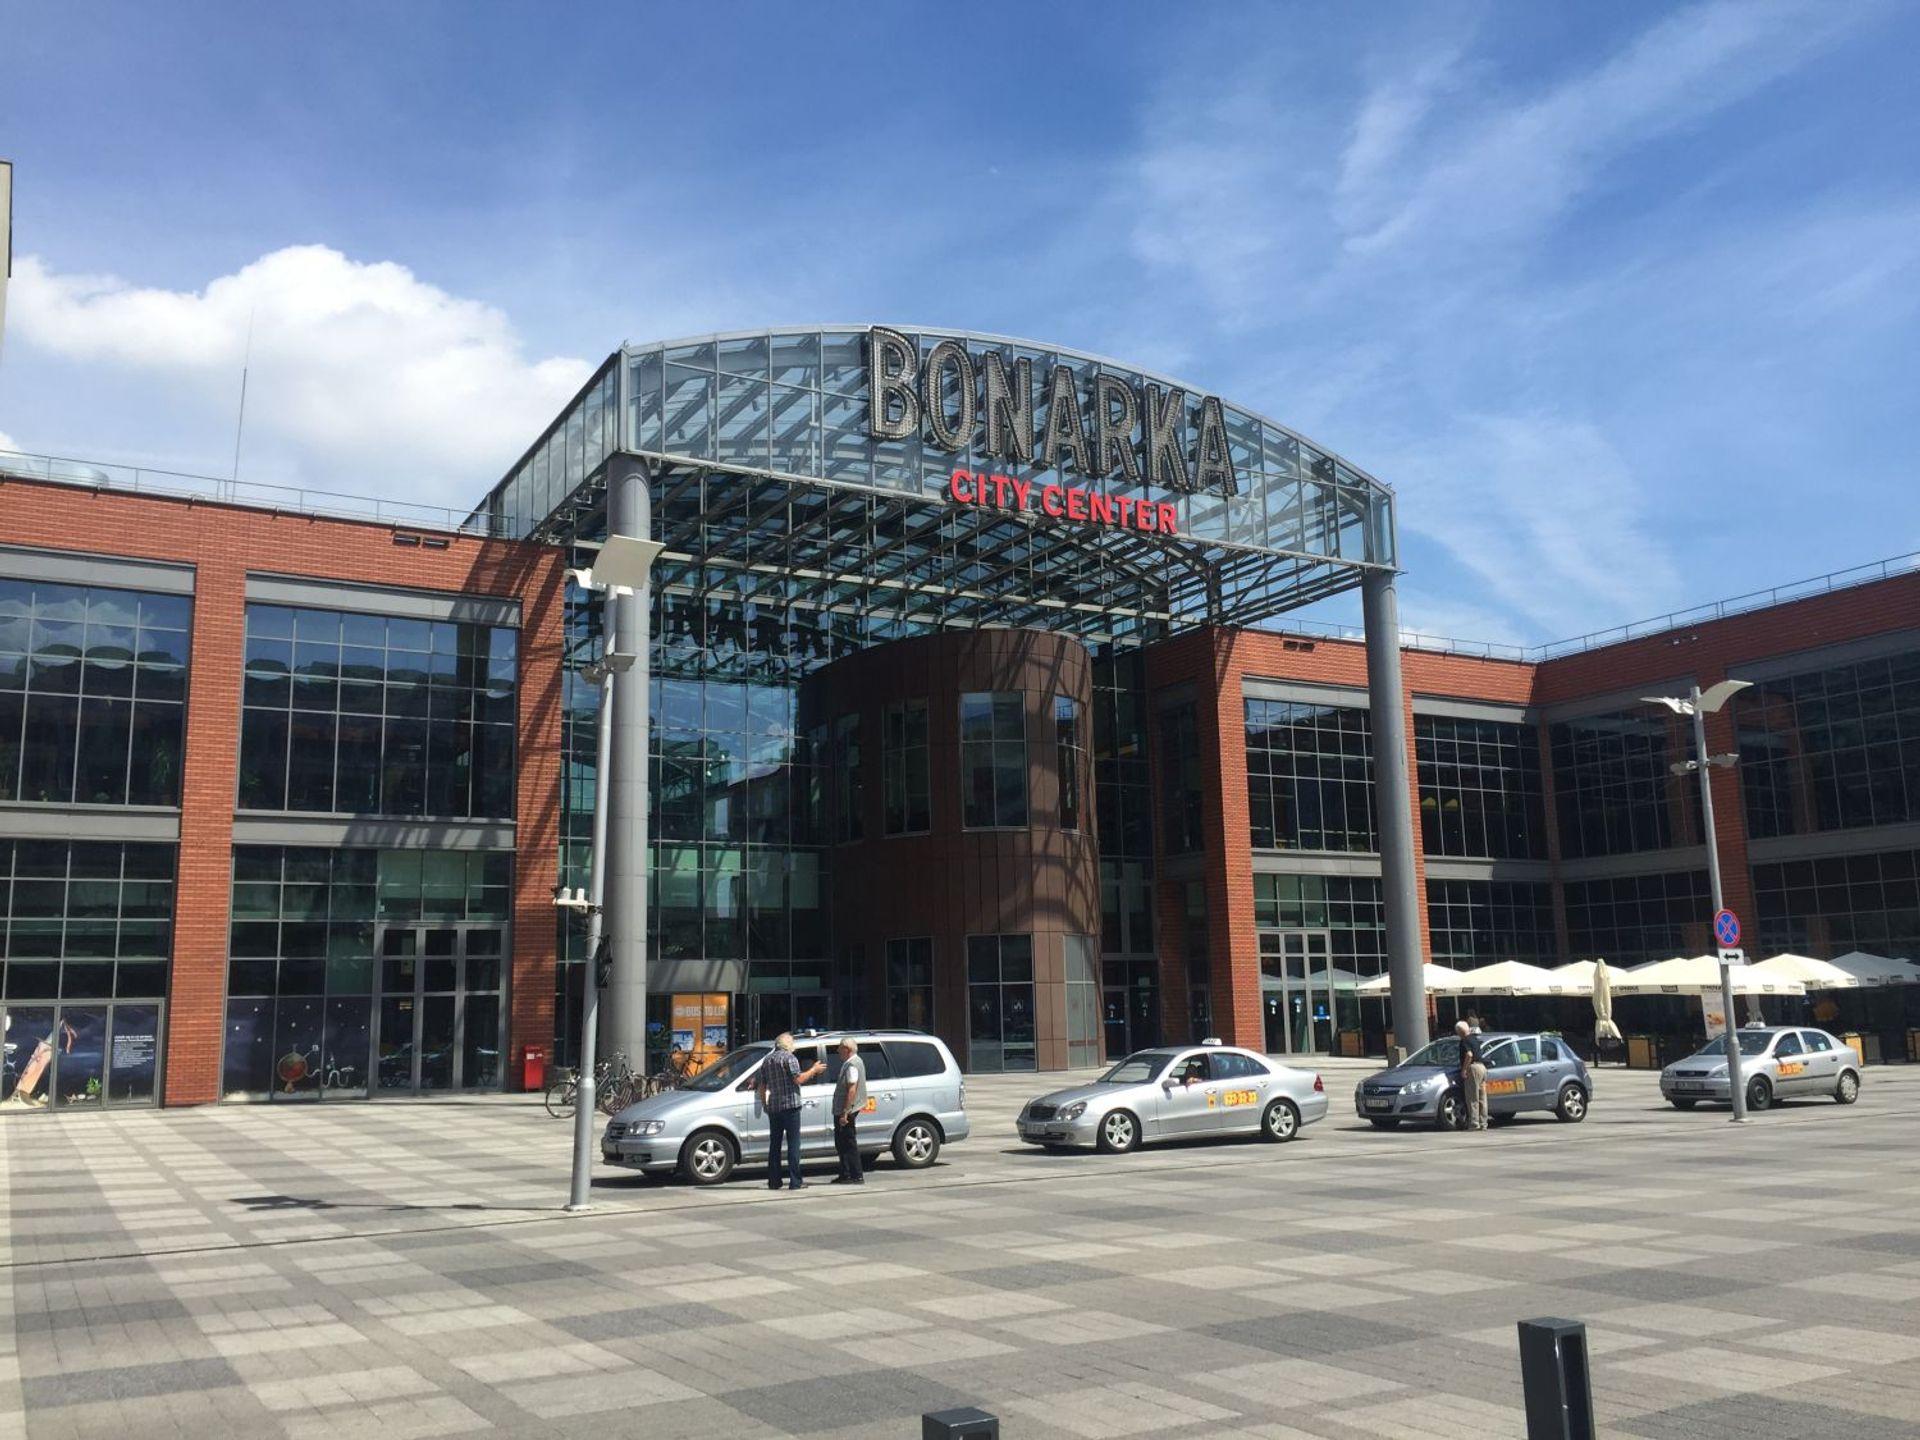 [Kraków] Bonarka City Center sprzedana